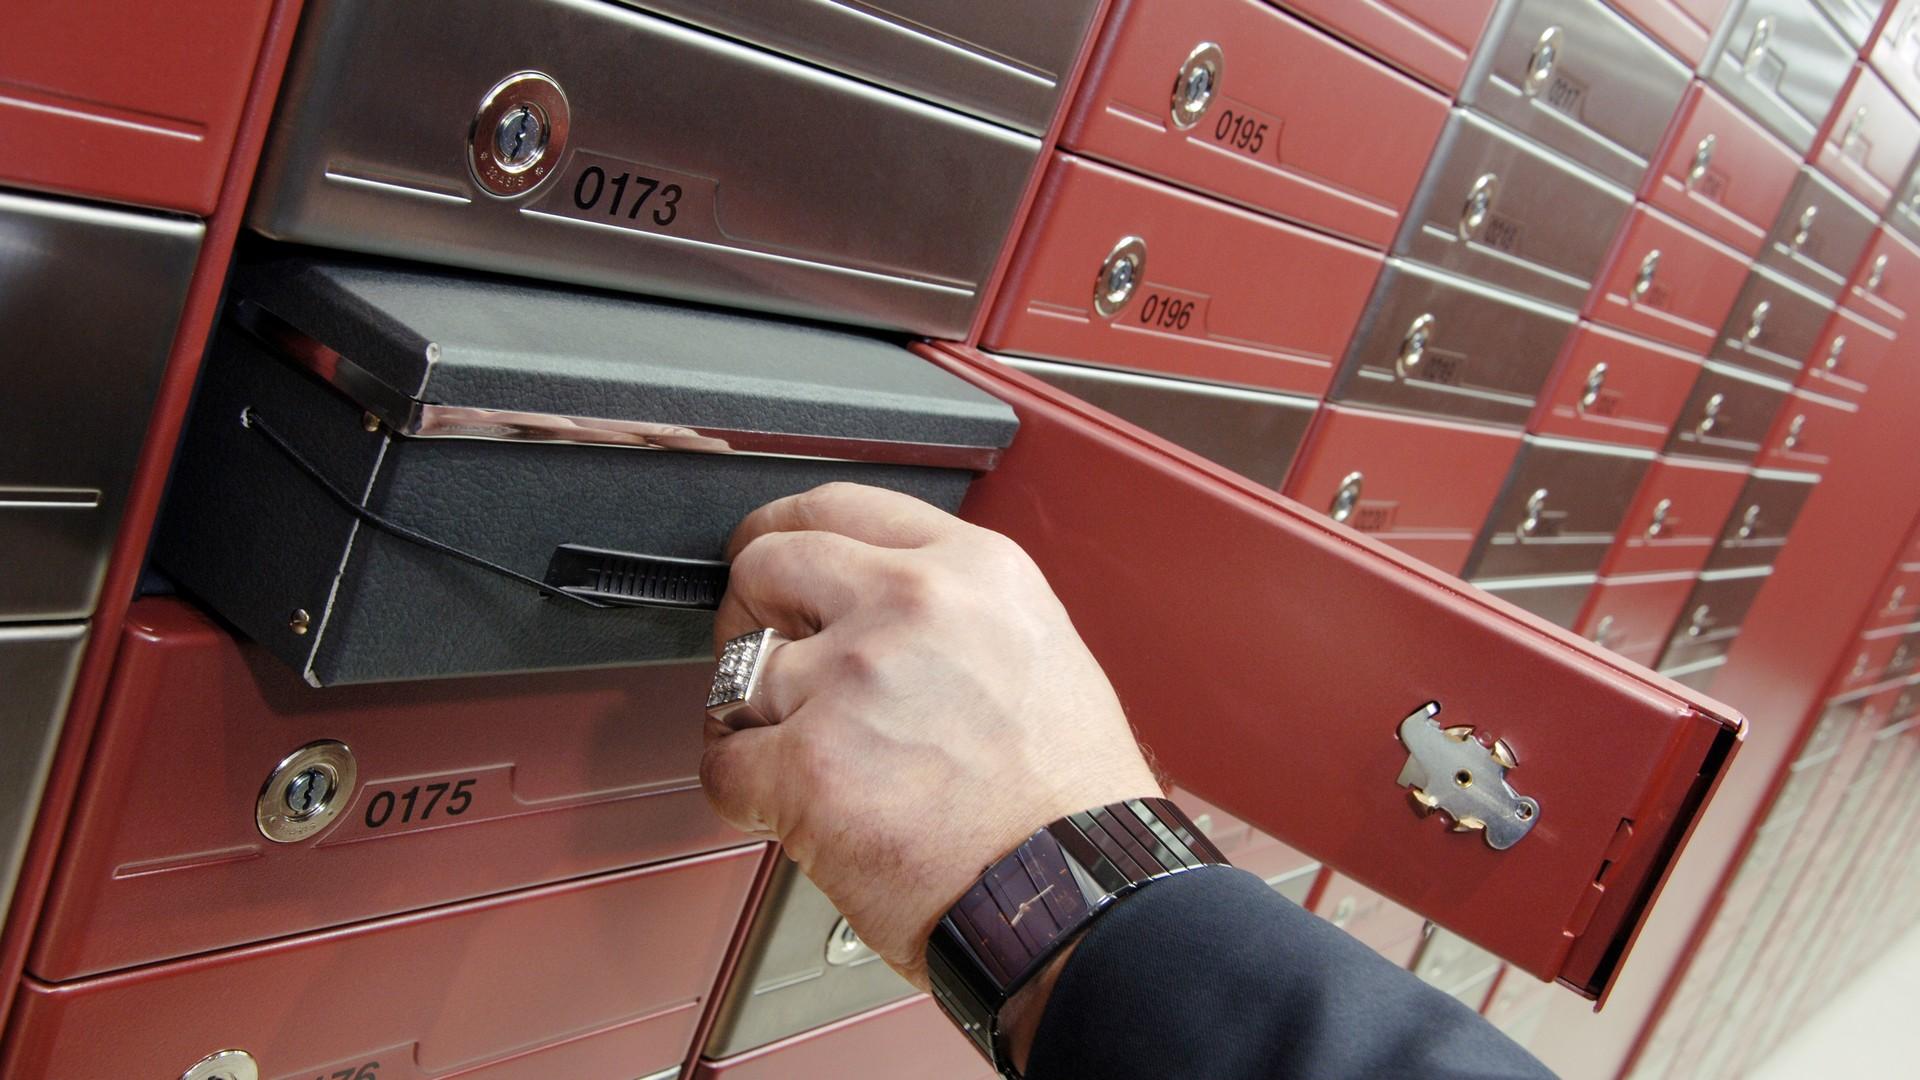 SafeStore2000C-0191920x1080